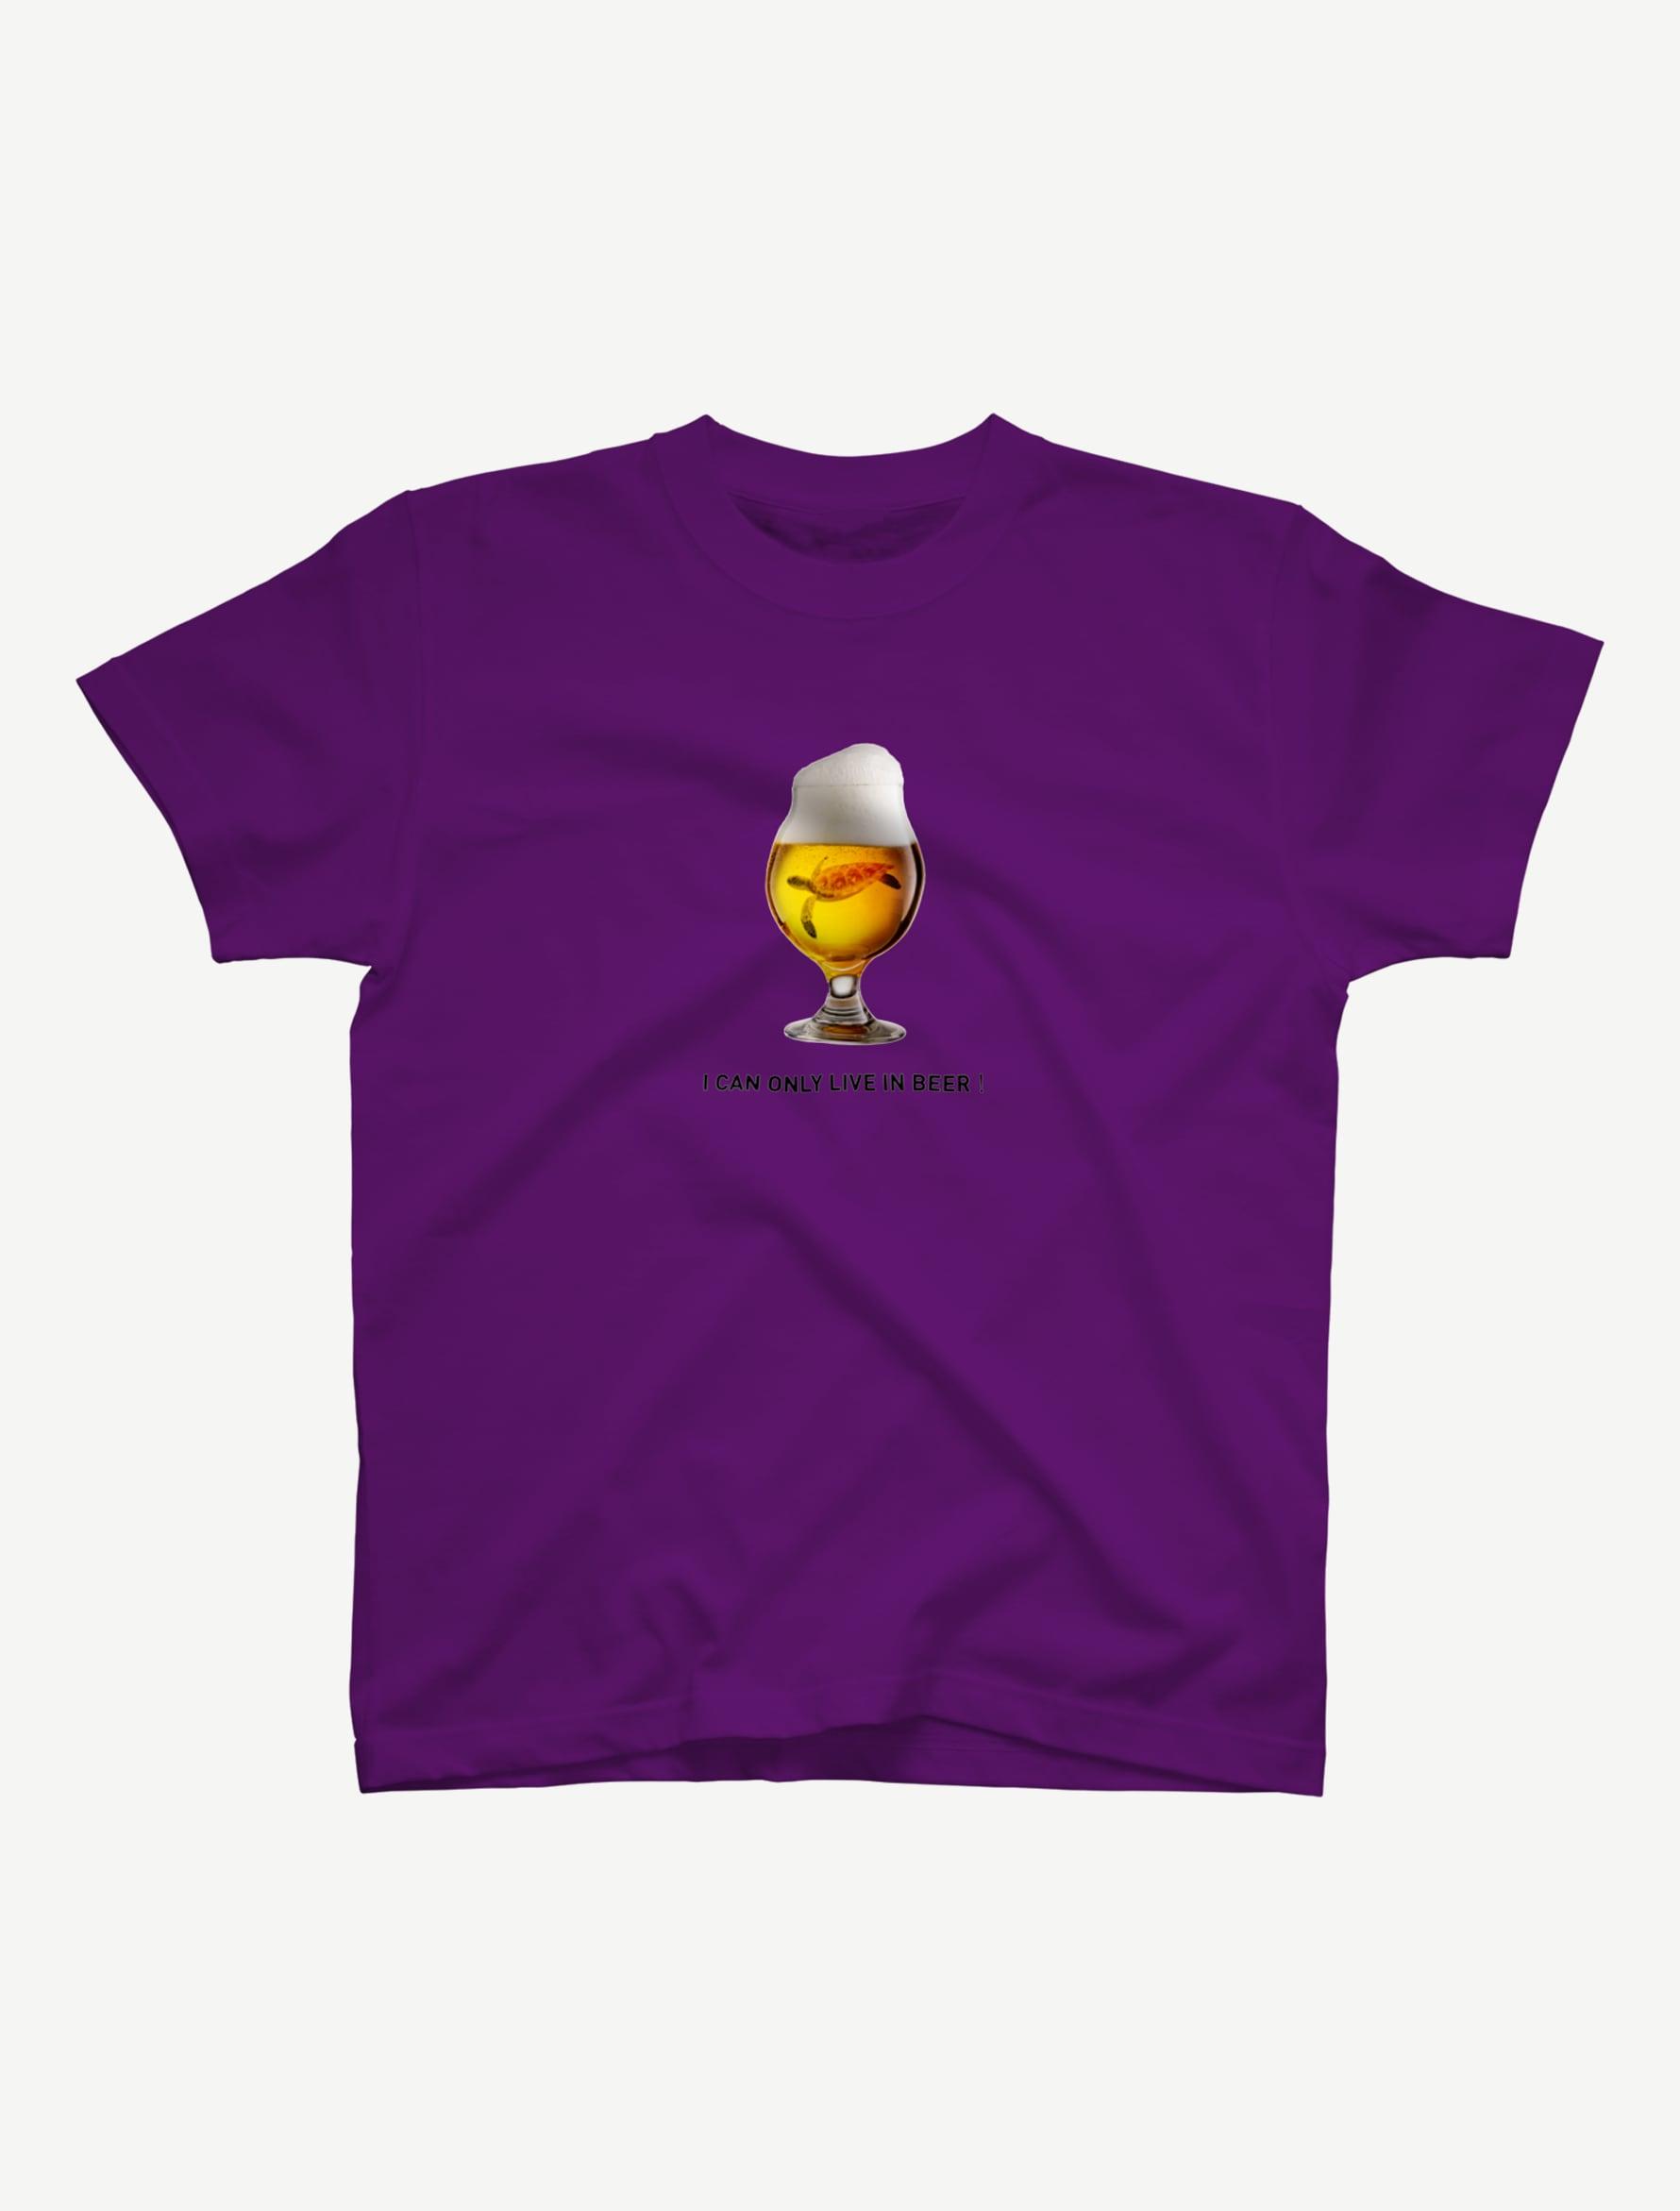 【ビールの中でしか・・・ウミガメ】Tシャツ(パープル)